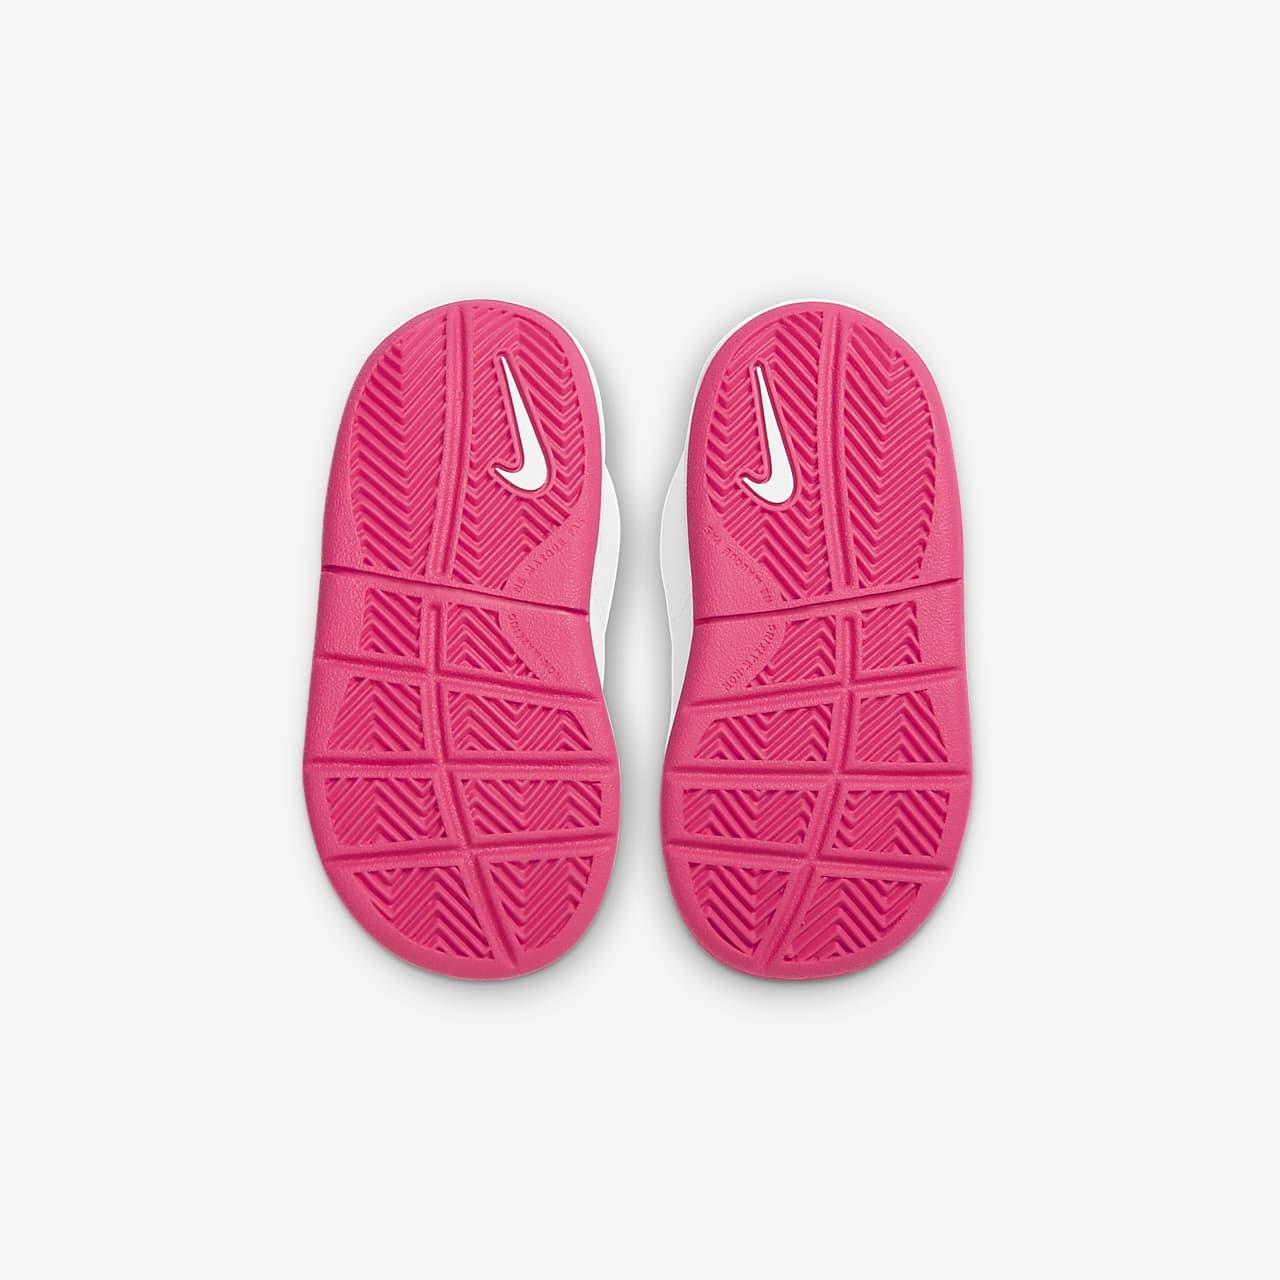 scarpe nike bimba 27